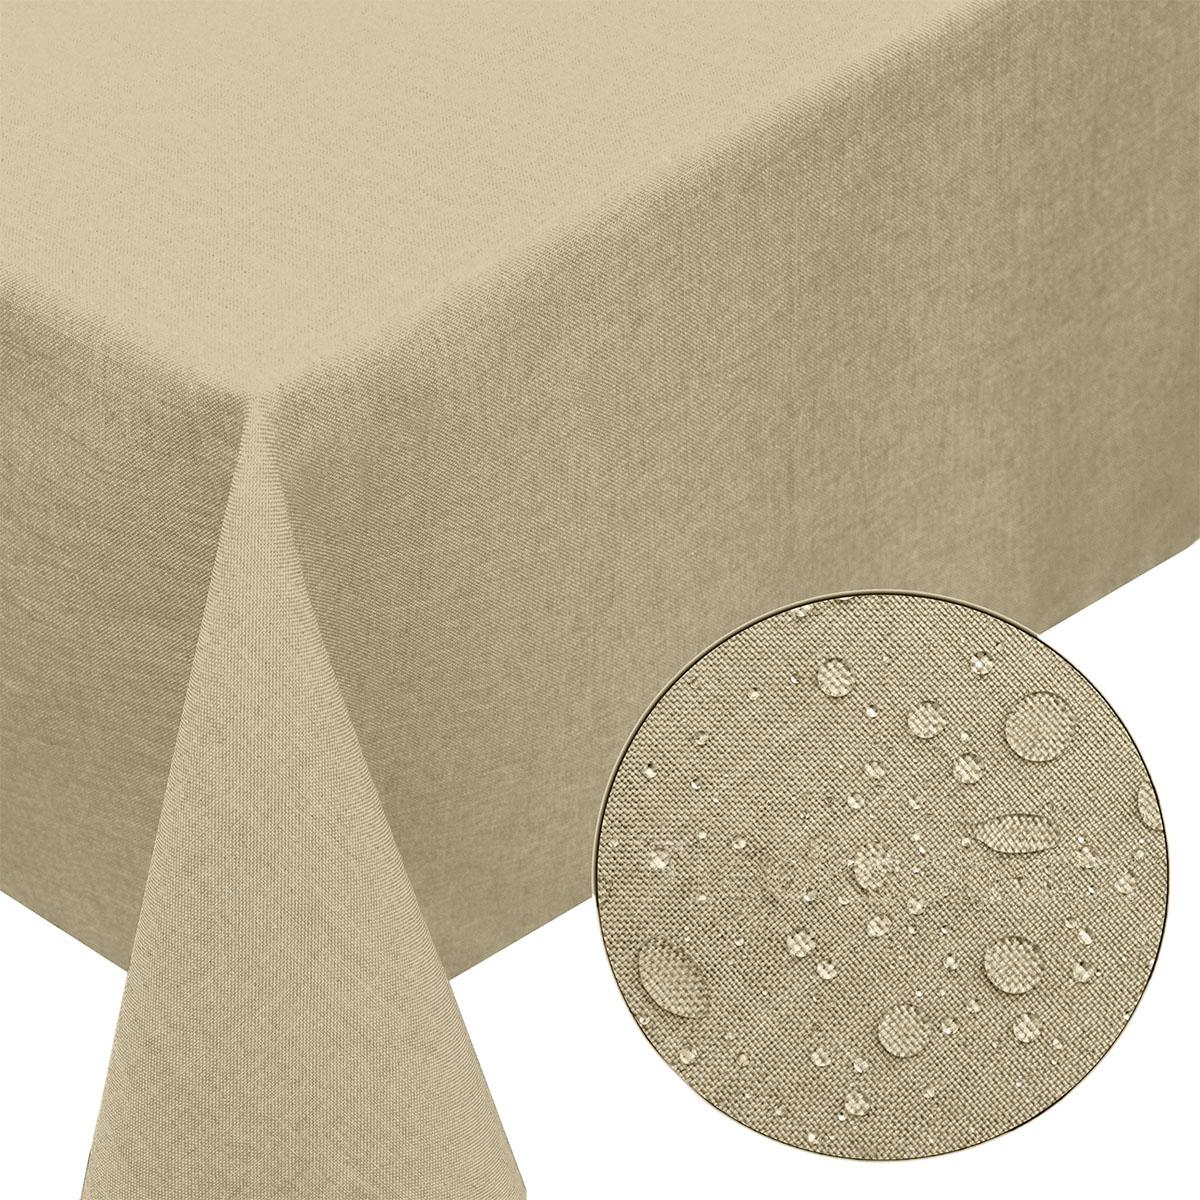 tischdecke leinen optik 130x220cm eckig mit fleck schutz sand. Black Bedroom Furniture Sets. Home Design Ideas